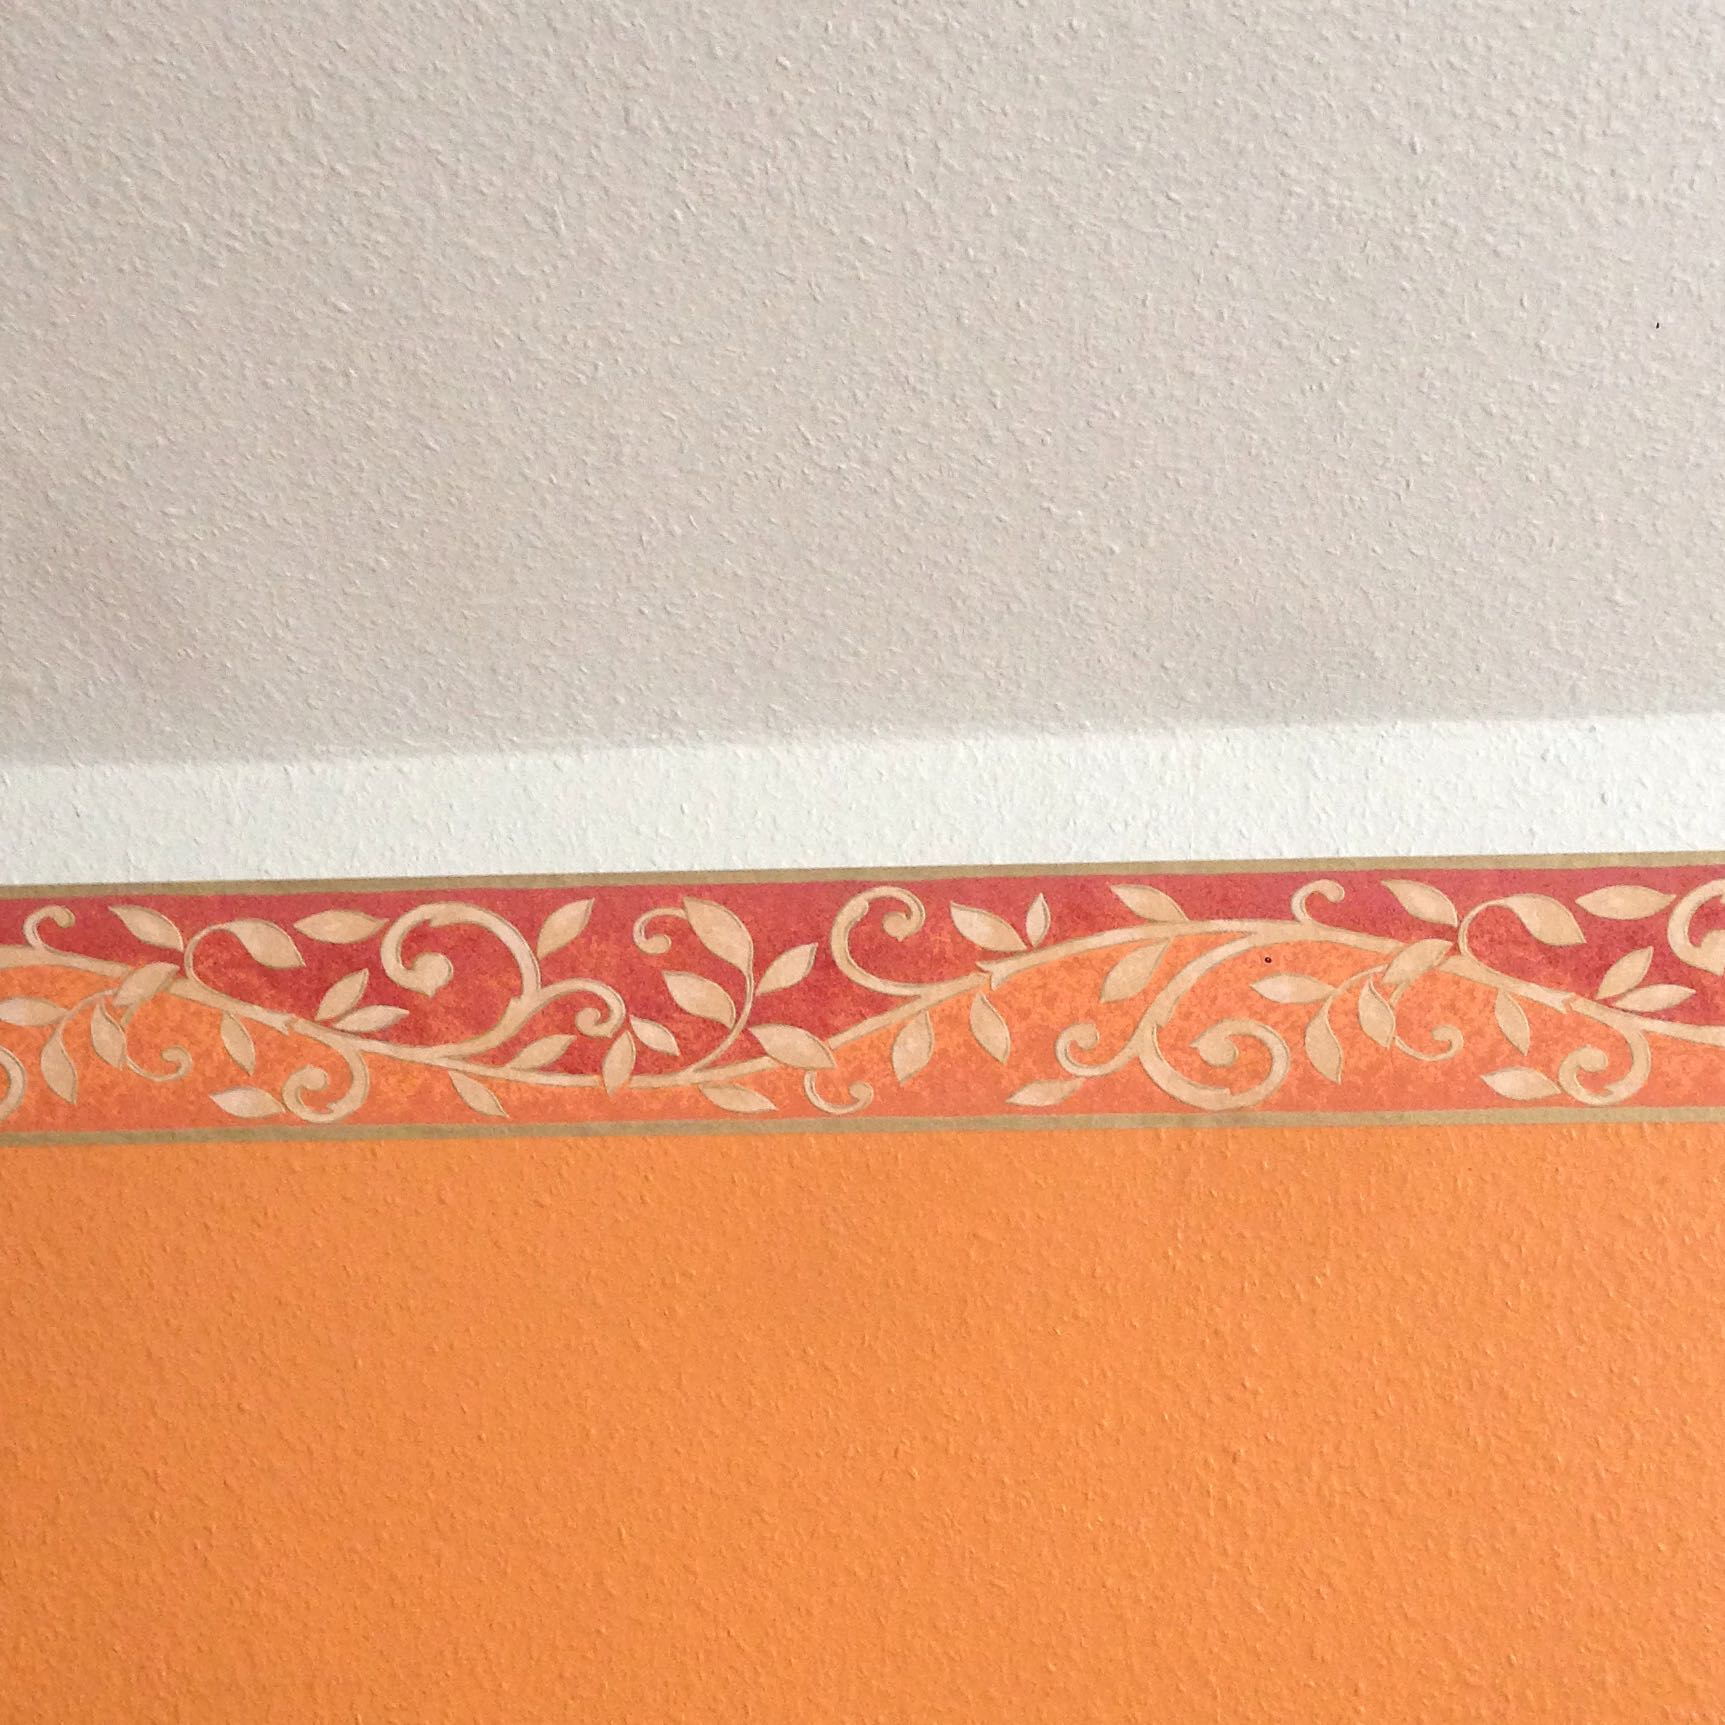 Hey, Wie Kann Ich Meine Wand Verschönern Ohne Sie Direkt